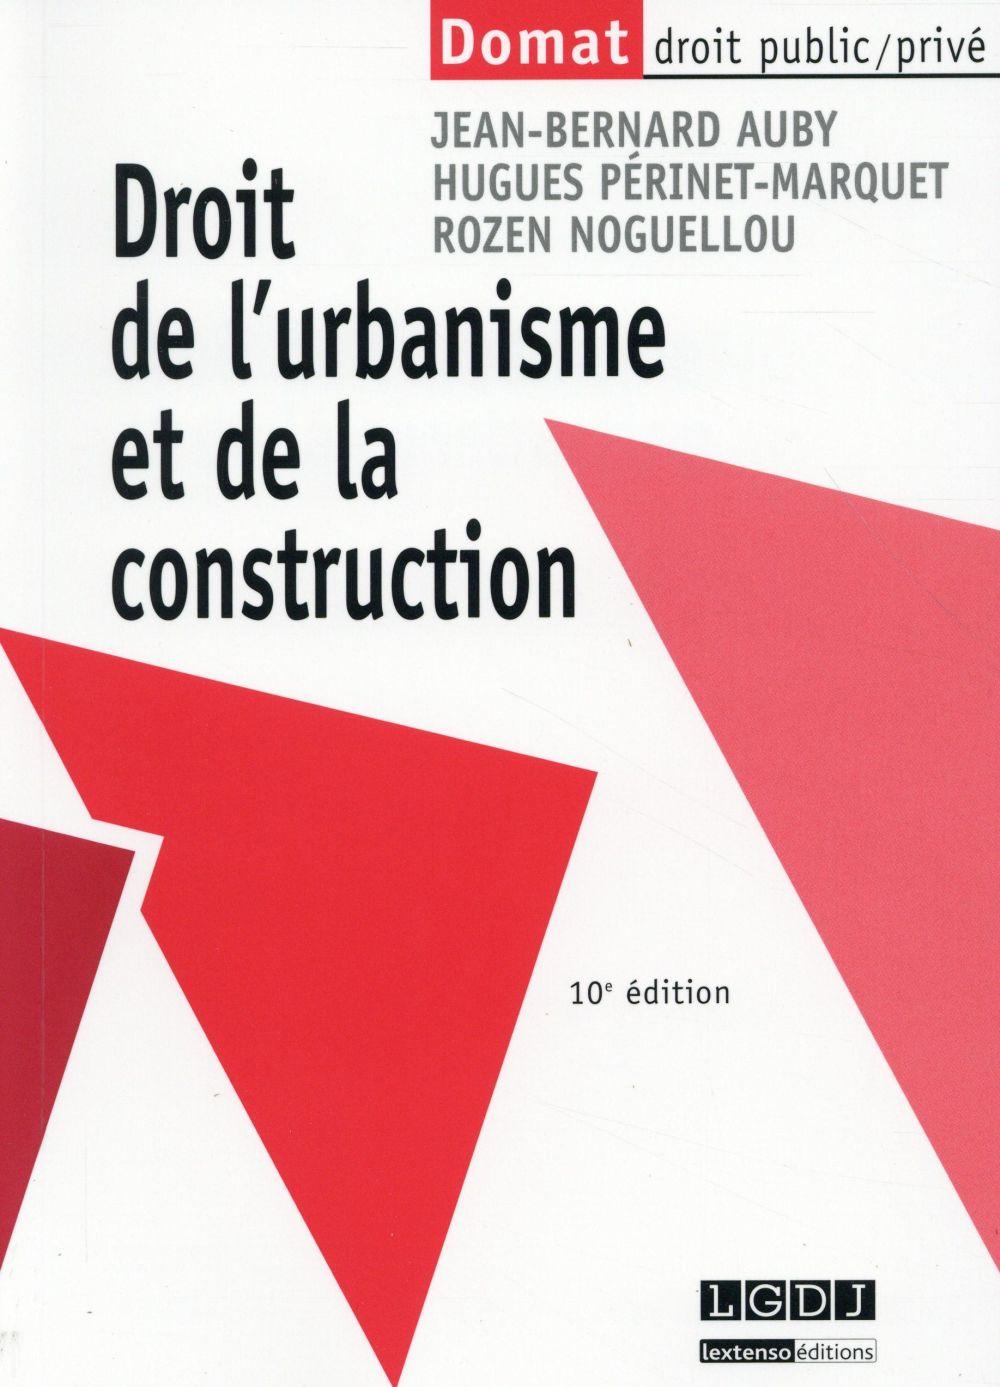 Droit de l'urbanisme et de la construction (10e édition)